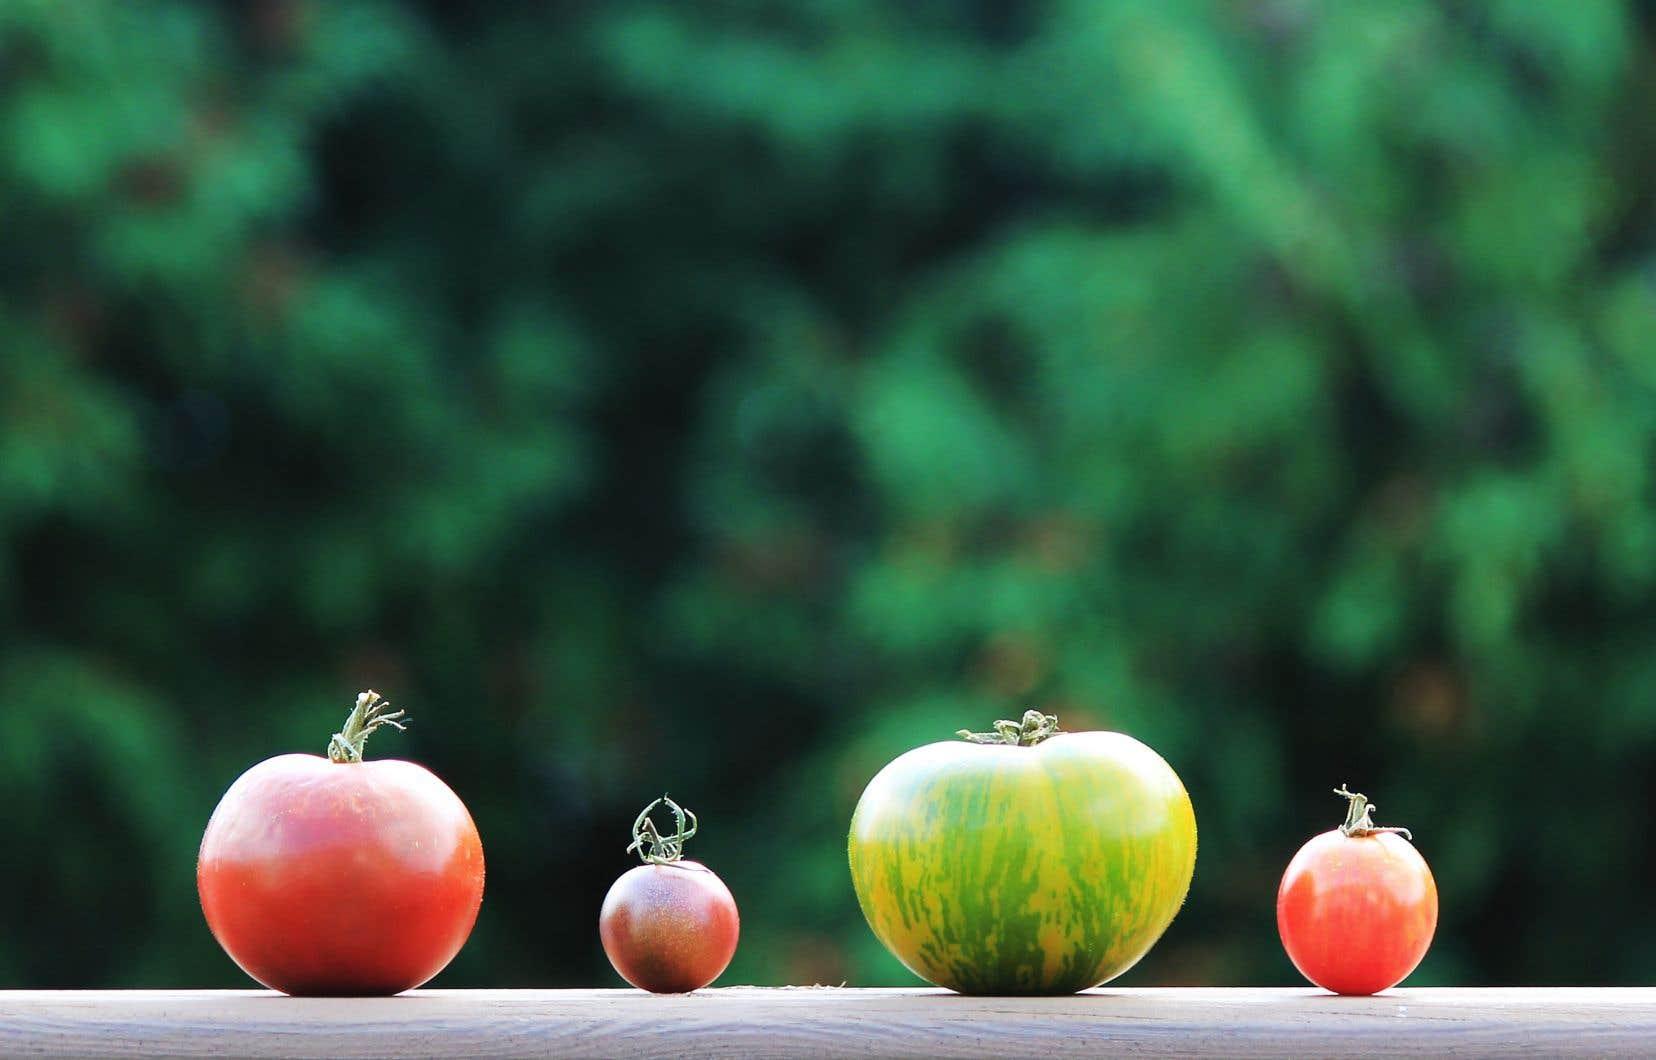 Quelques variétés de tomates (de gauche à droite: la tomate Black Prince, la tomate cerise Black Cherry, la tomate Green Zebra et la tomate Bumble Bee)